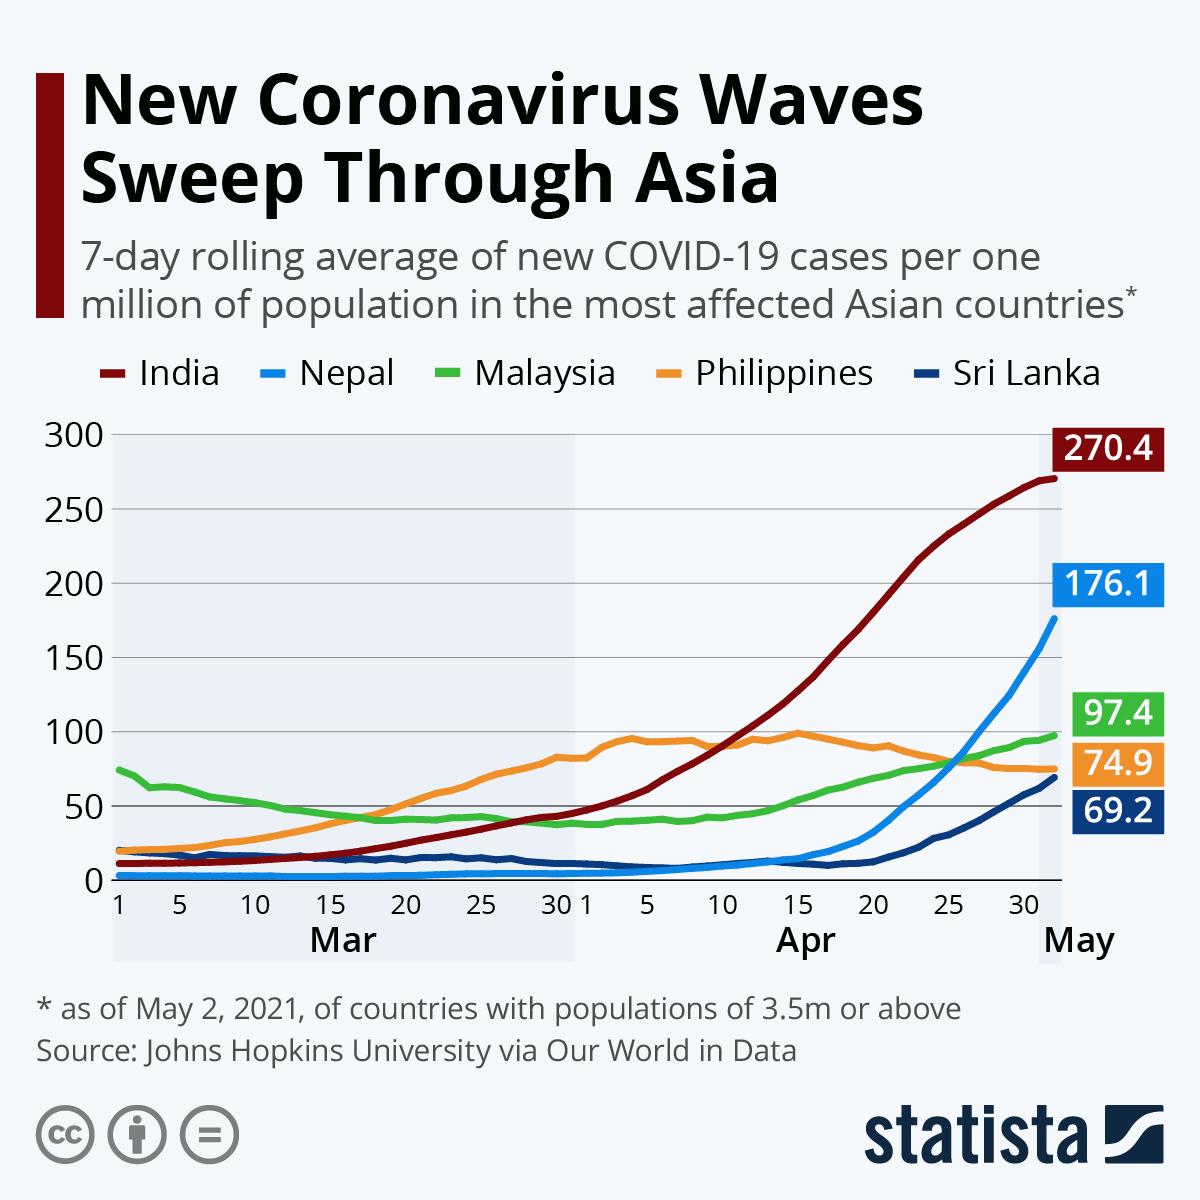 New Coronavirus Waves Sweep Through Asia